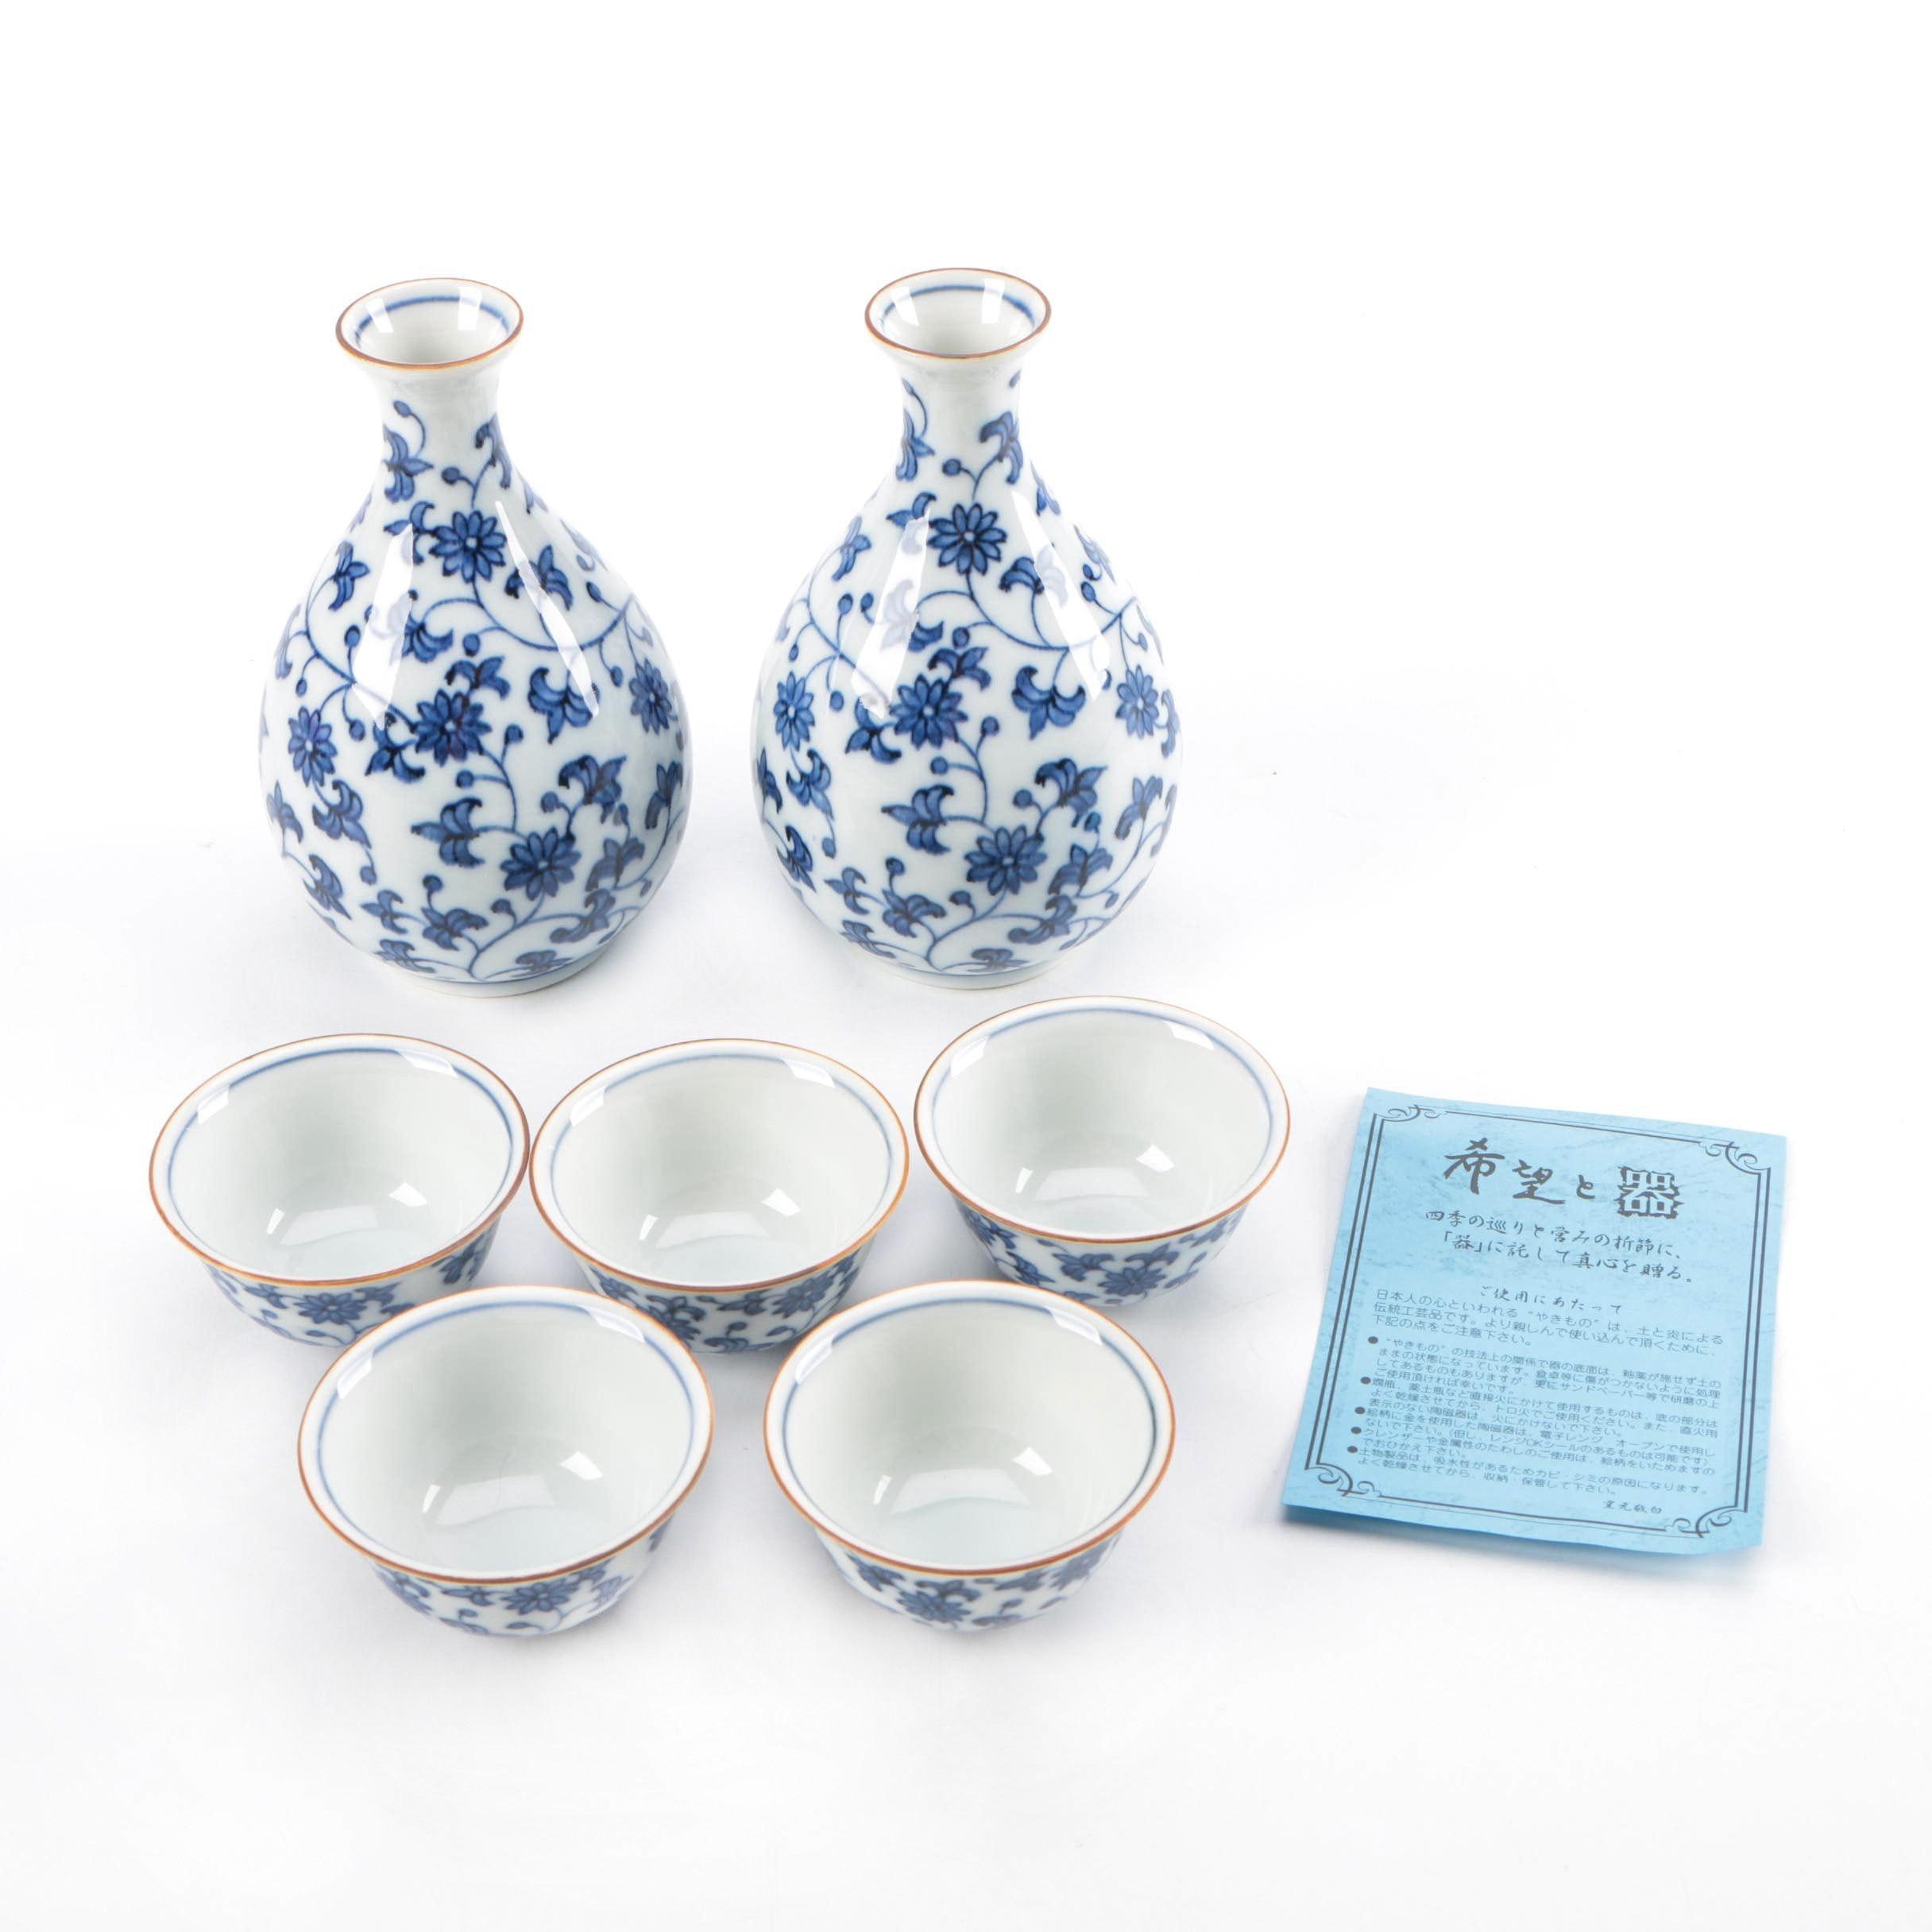 Blue and White Porcelain Sake Set